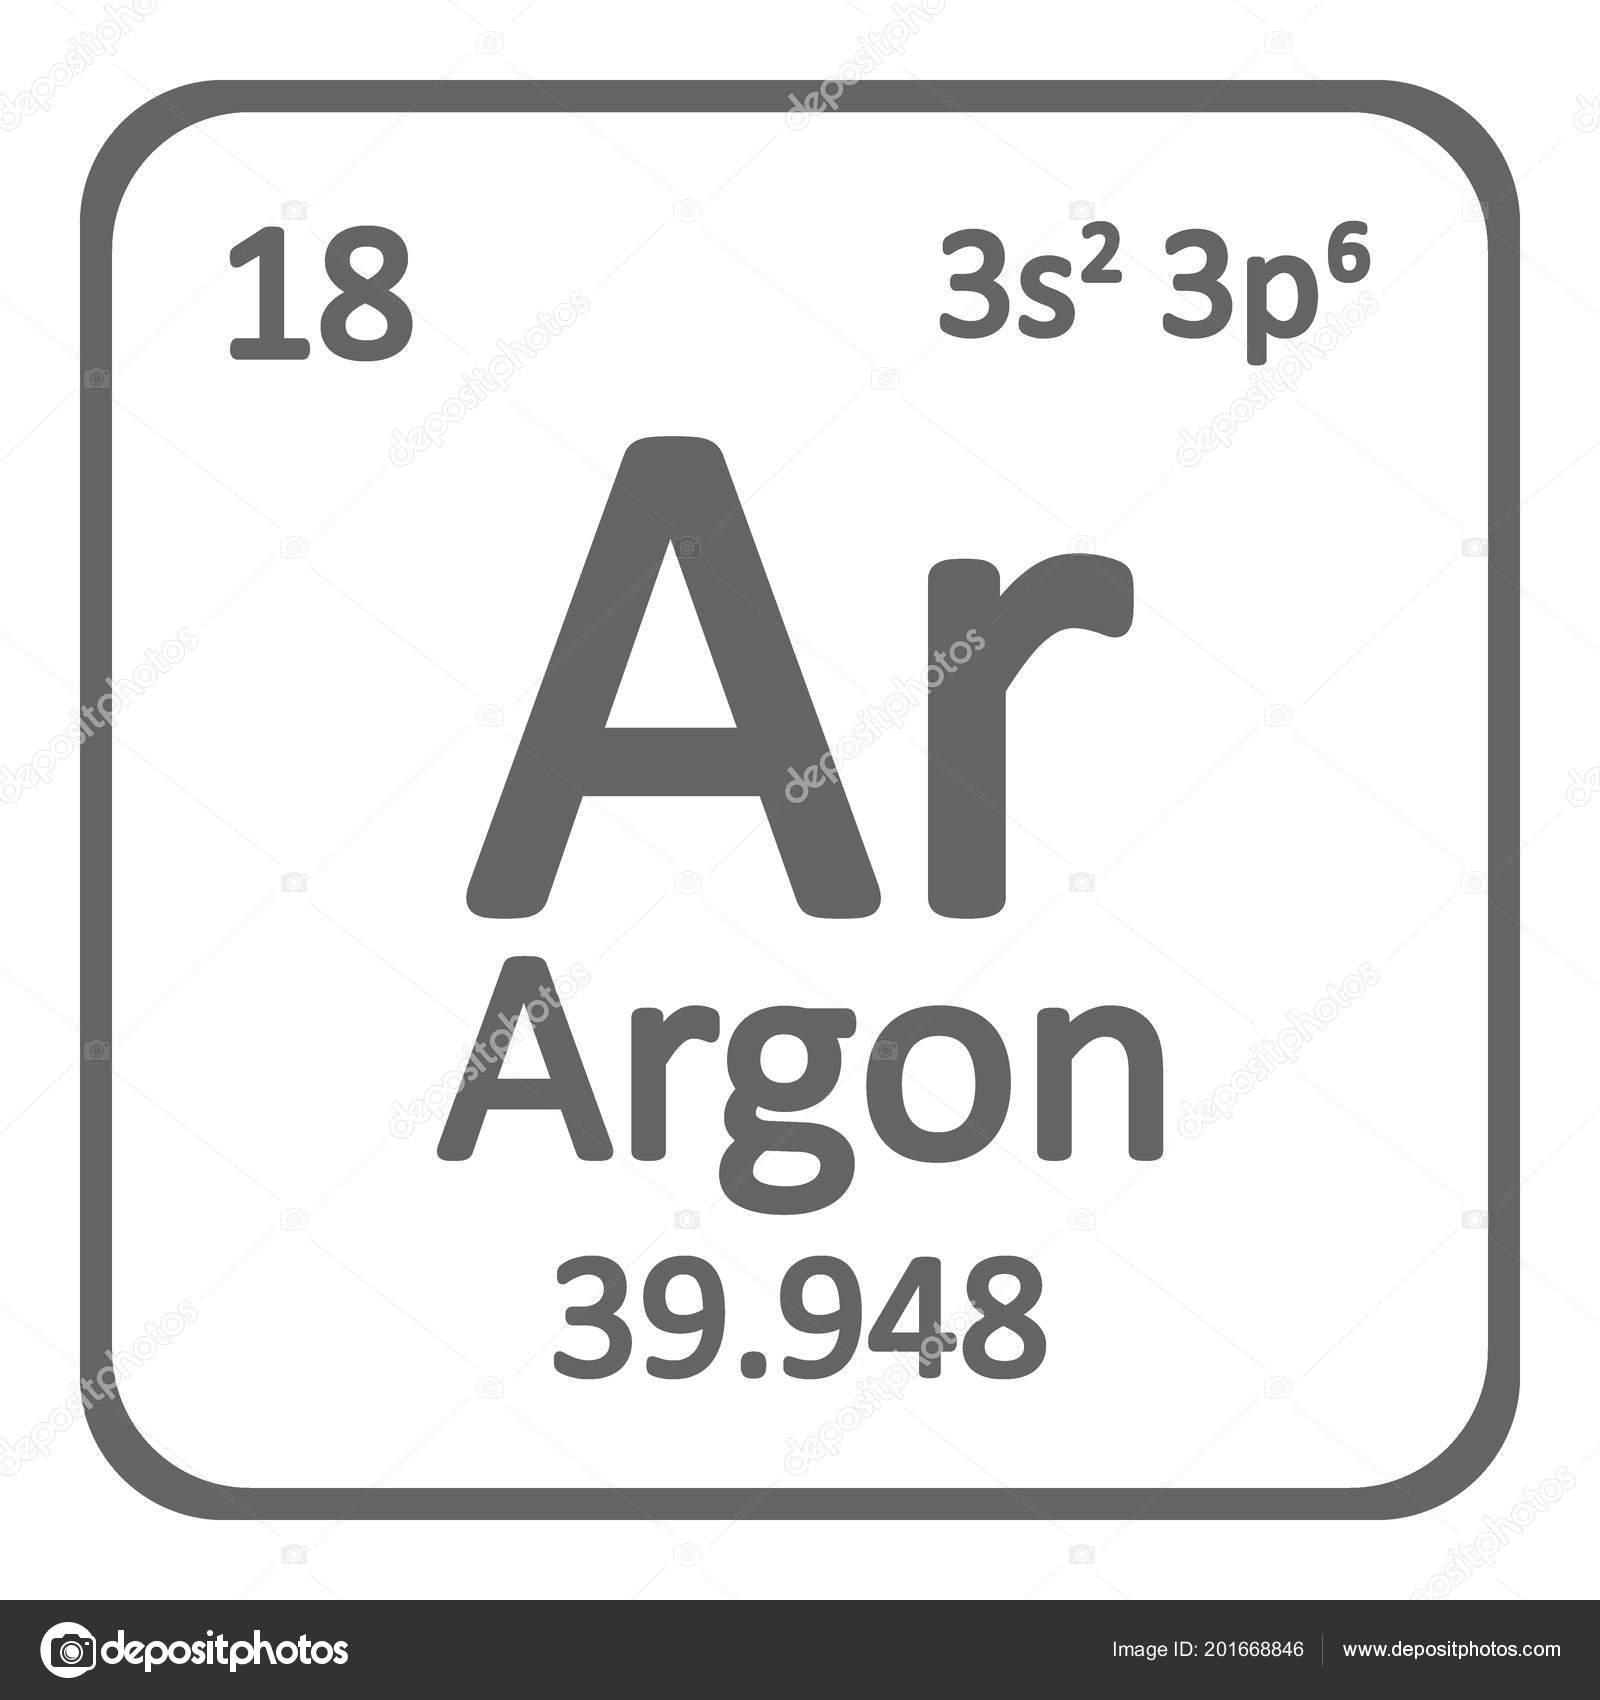 Tabla periodica elemento boro icono sobre fondo blanco ilustracin tabla periodica elemento boro icono sobre fondo blanco ilustracin vector vector de stock urtaz Images